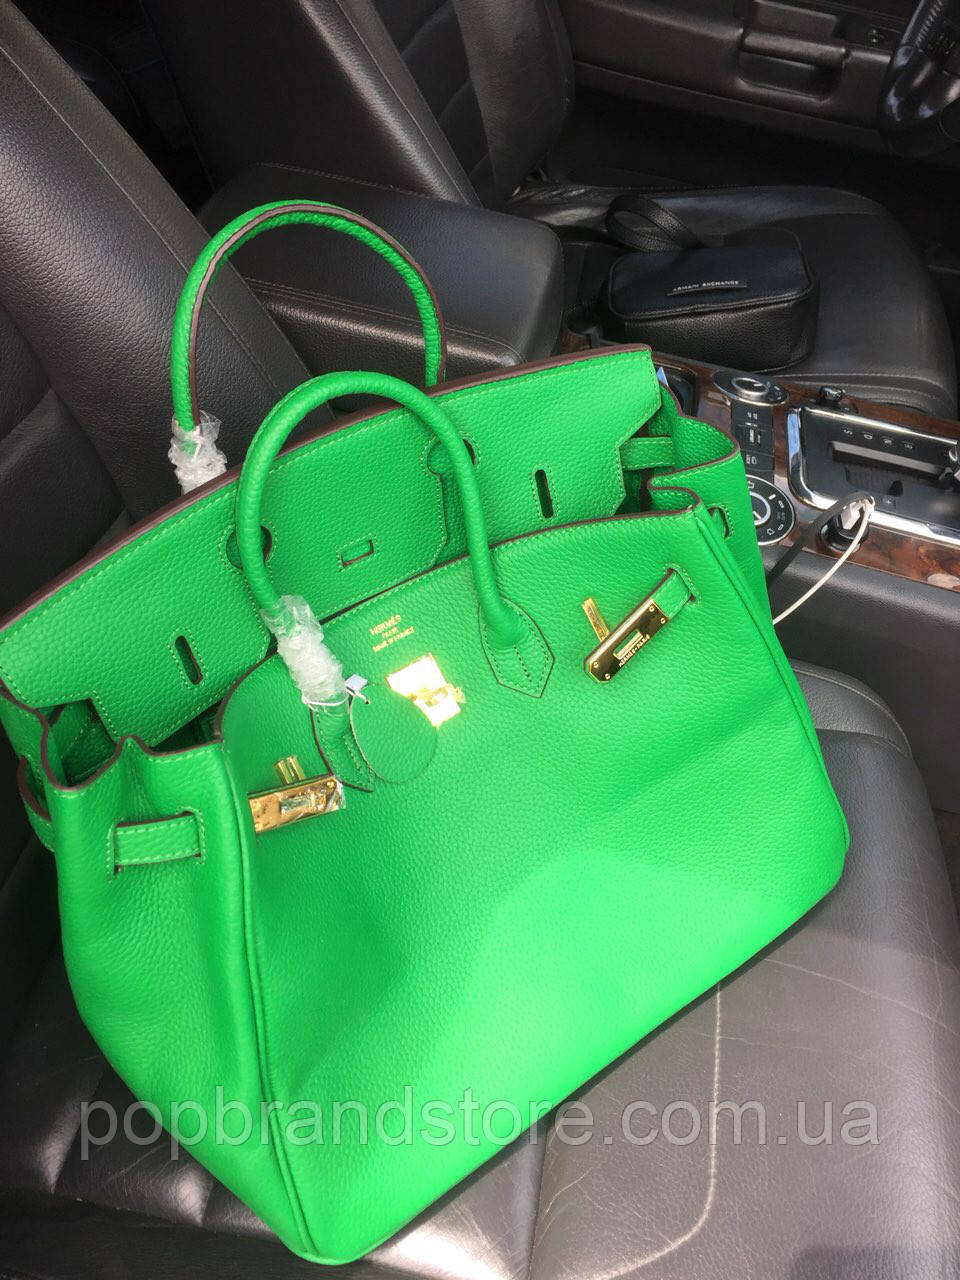 Роскошная женская сумка Гермес Келли 35 см зеленая (реплика ... 890c037c7deb0